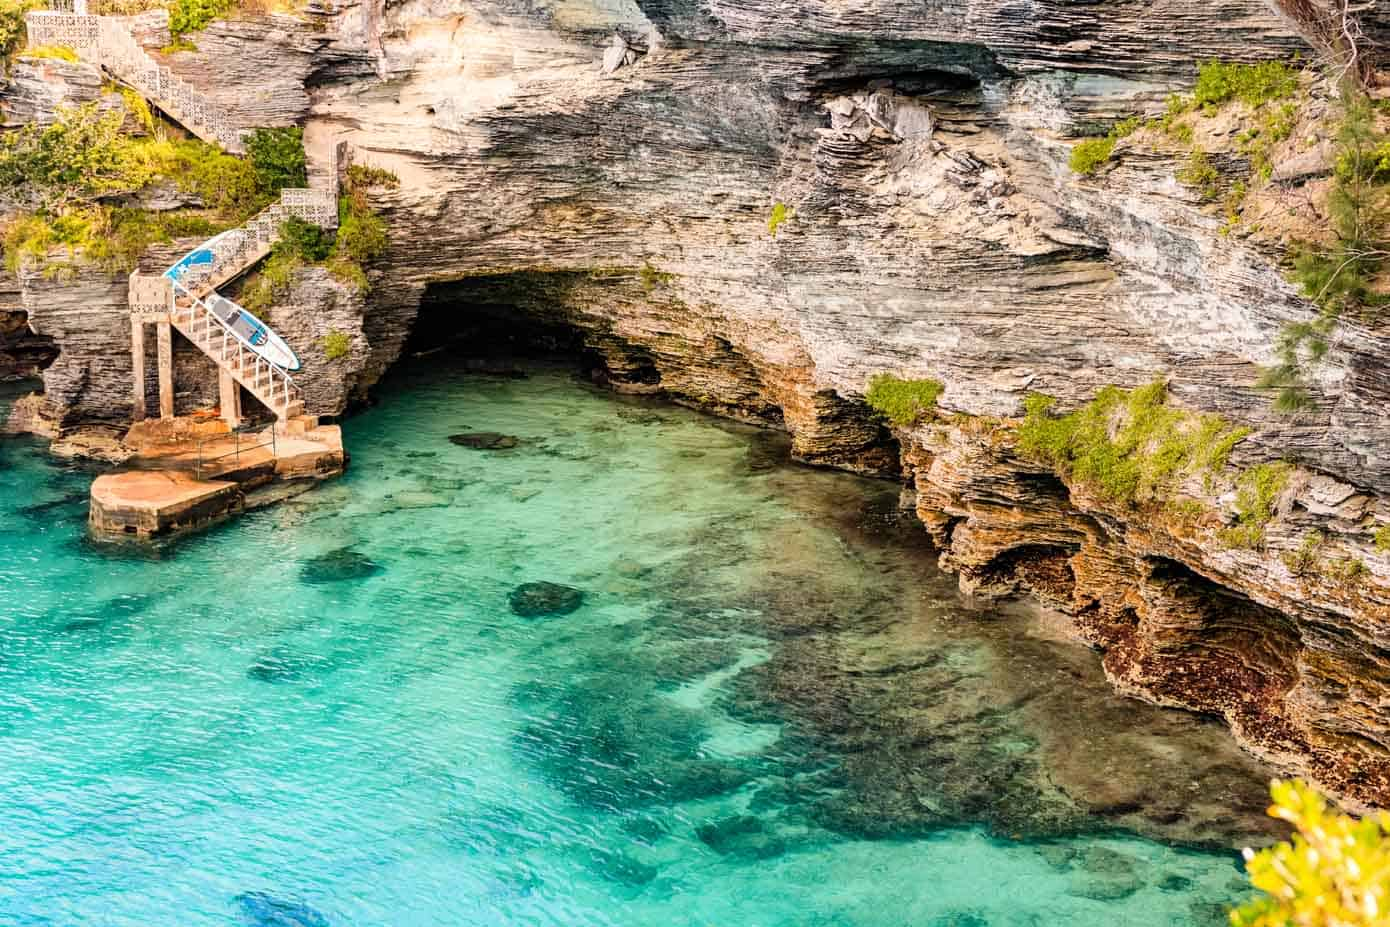 Cliffs meeting the ocean water in Bermuda.